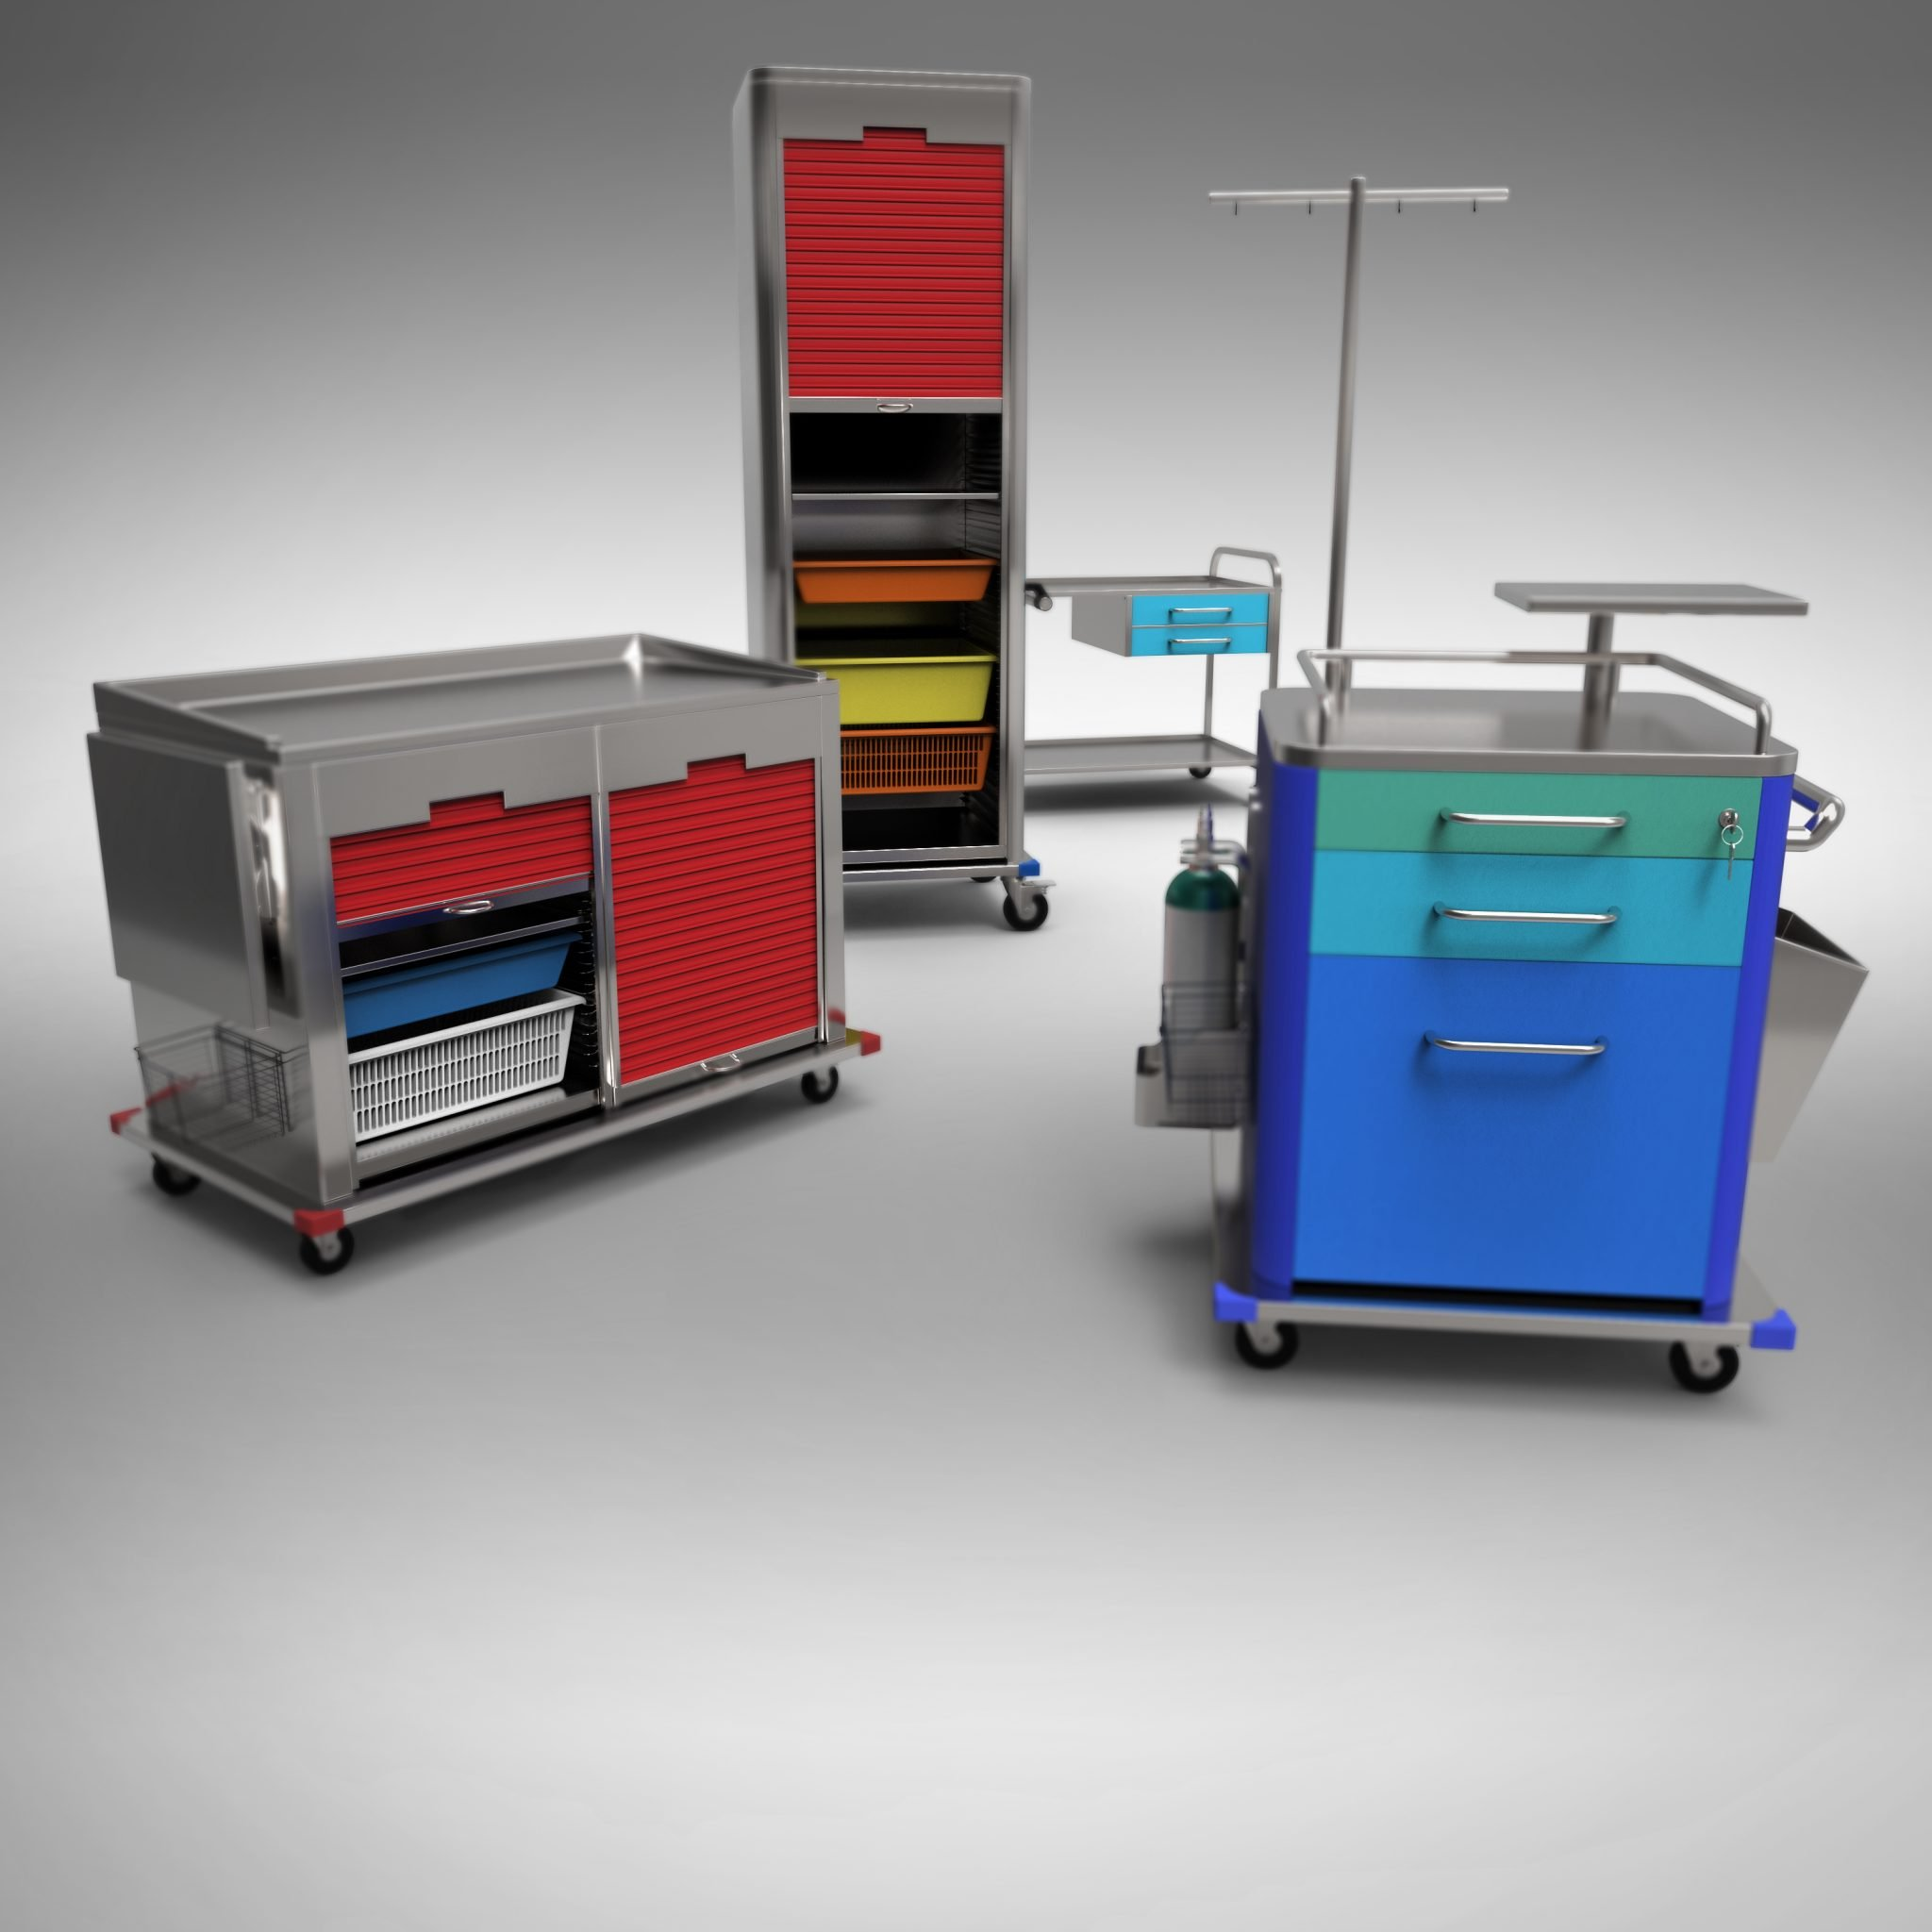 XMed - Attrezzature Inox Per il Medicale -Carrelli Ospedalieri Multiuso In Acciaio Inox